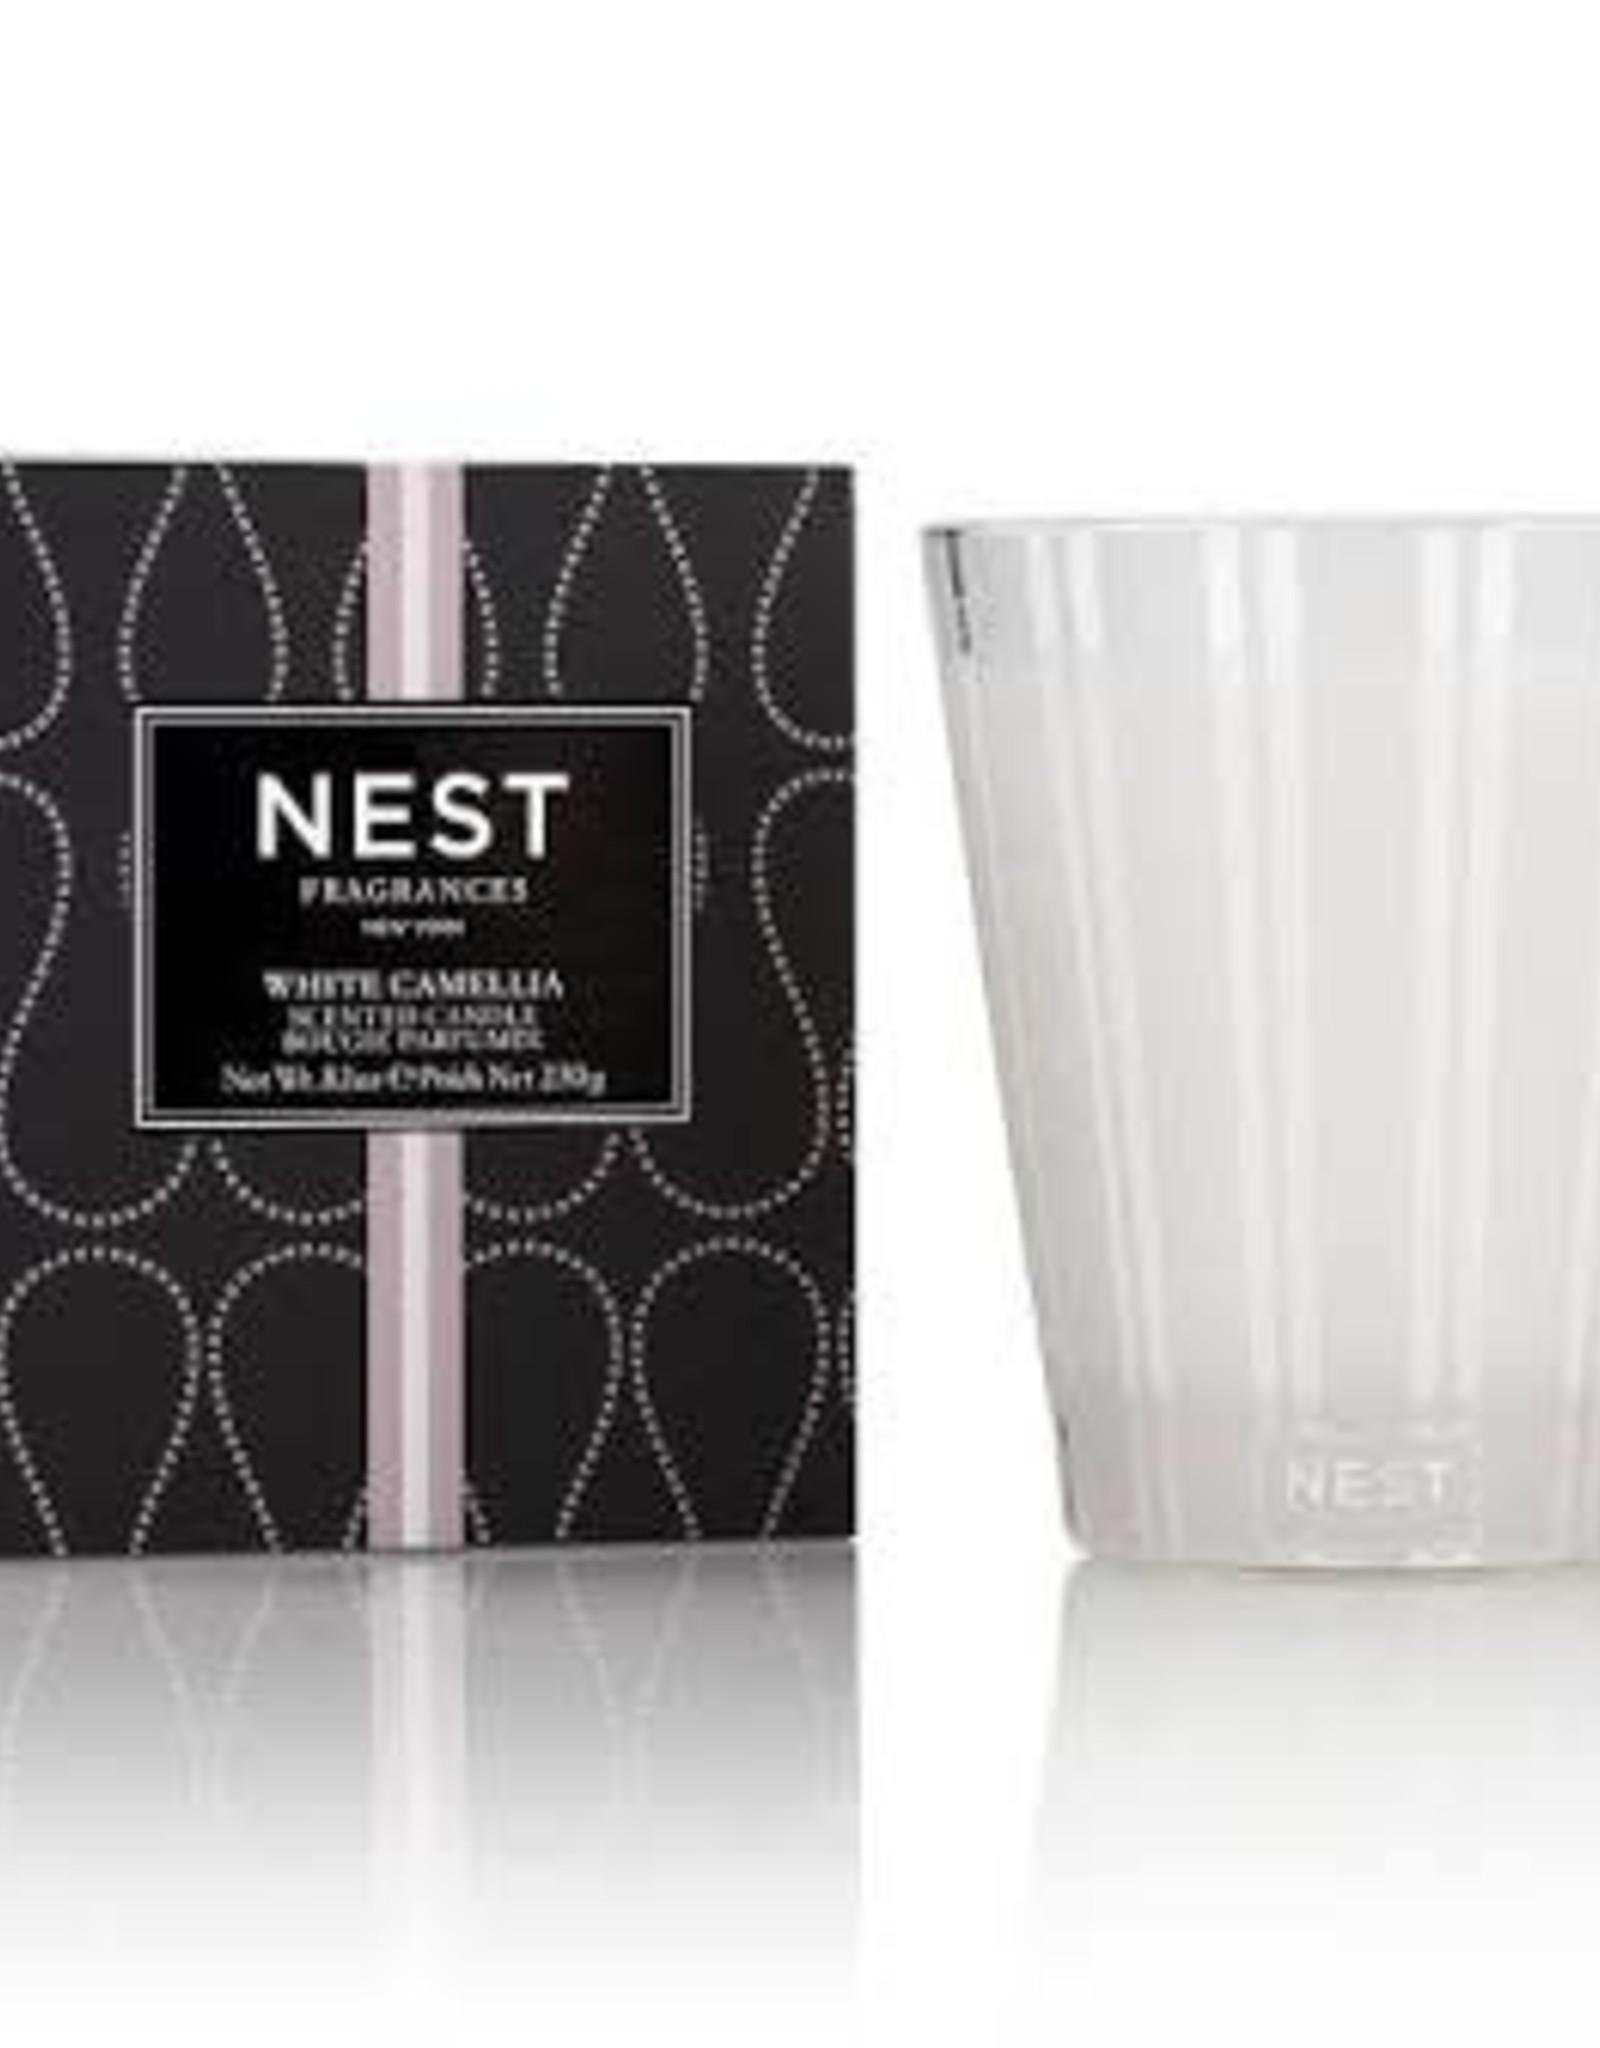 Nest Candle Nest White Camellia